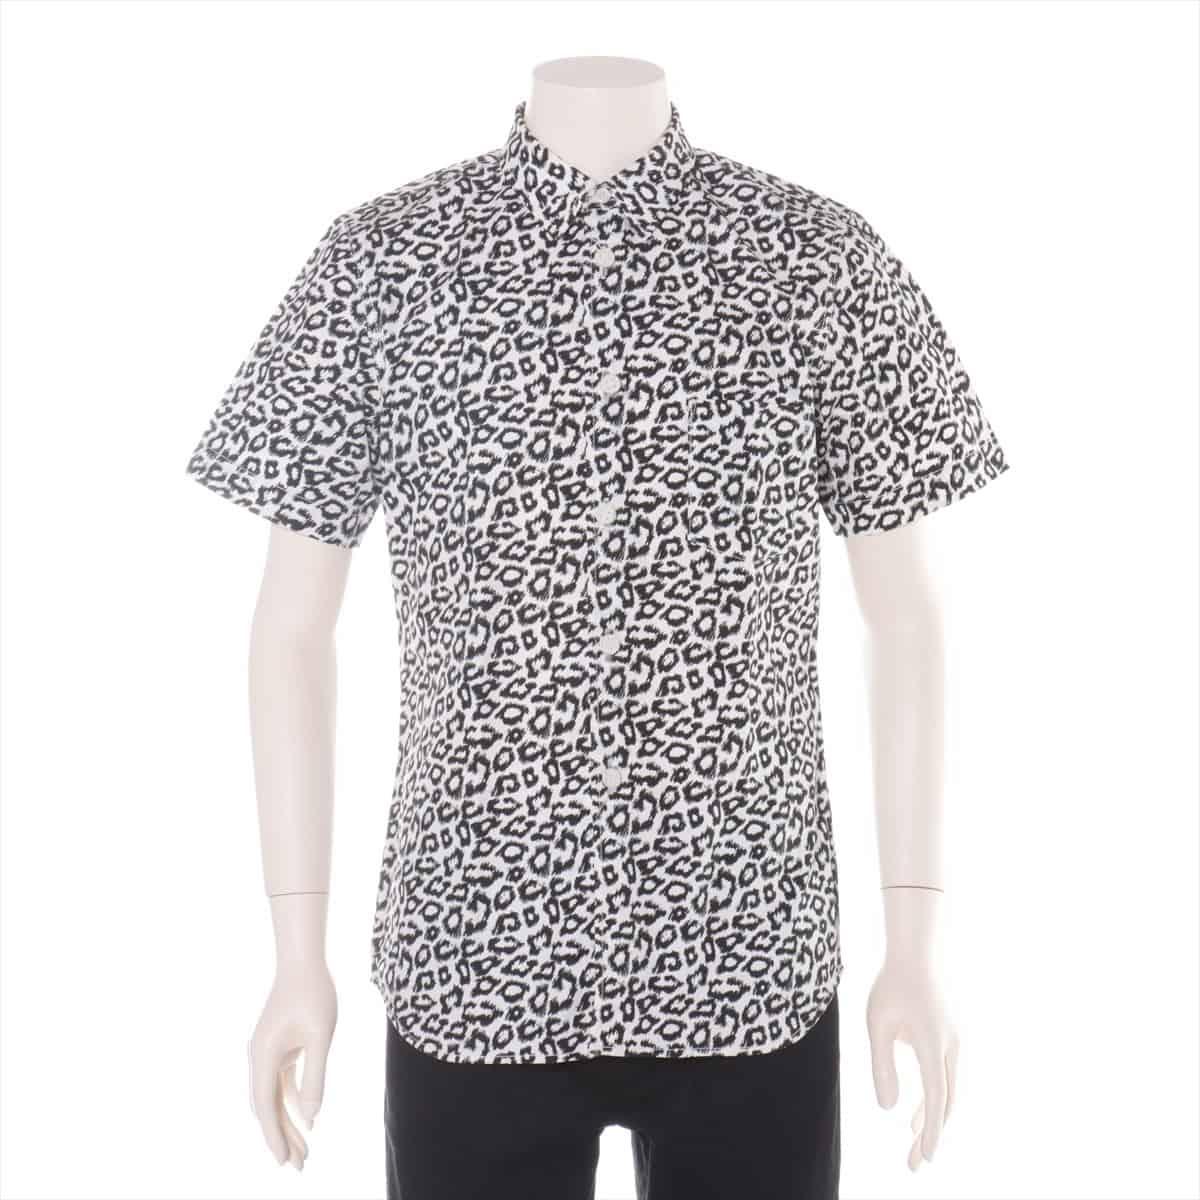 中古 コムデギャルソンオムプリュス コットン シャツ 最安値挑戦 メンズ ブラック×ホワイト M 供え